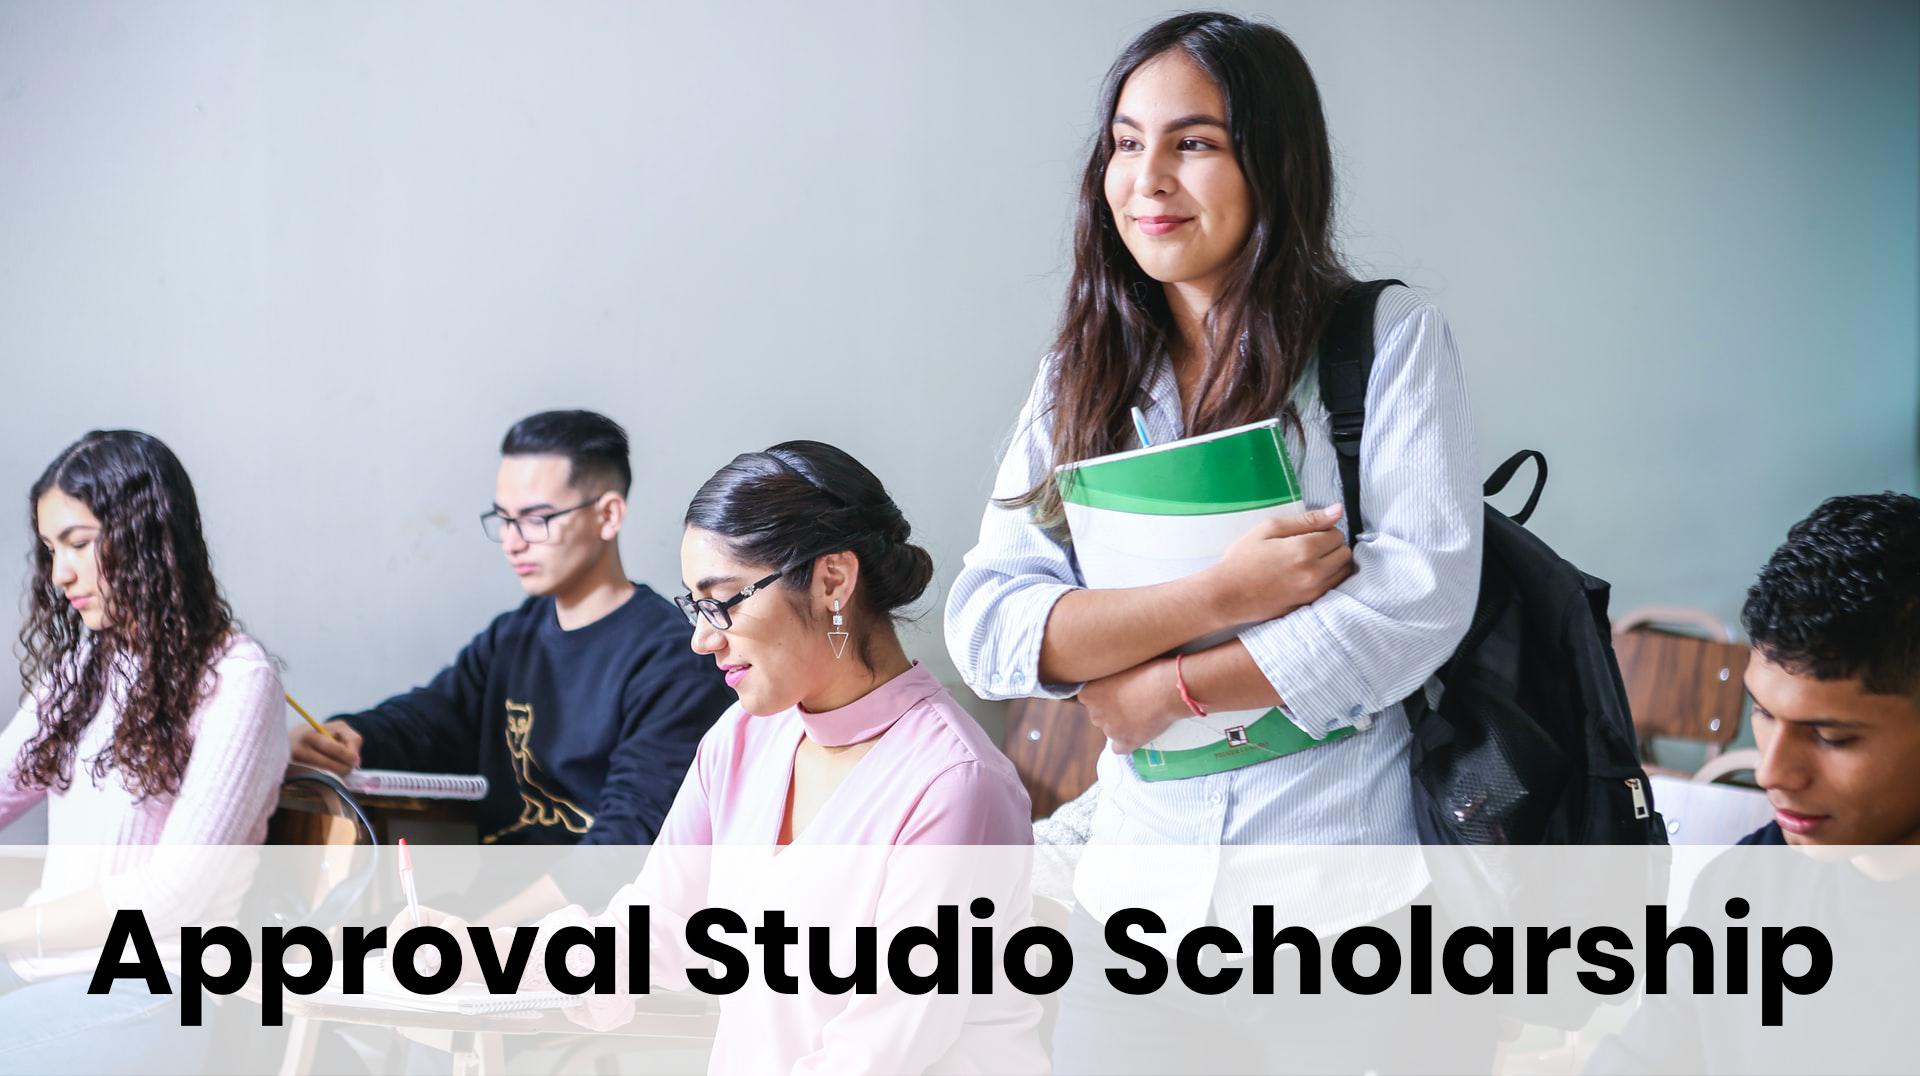 Approval Studio Scholarship